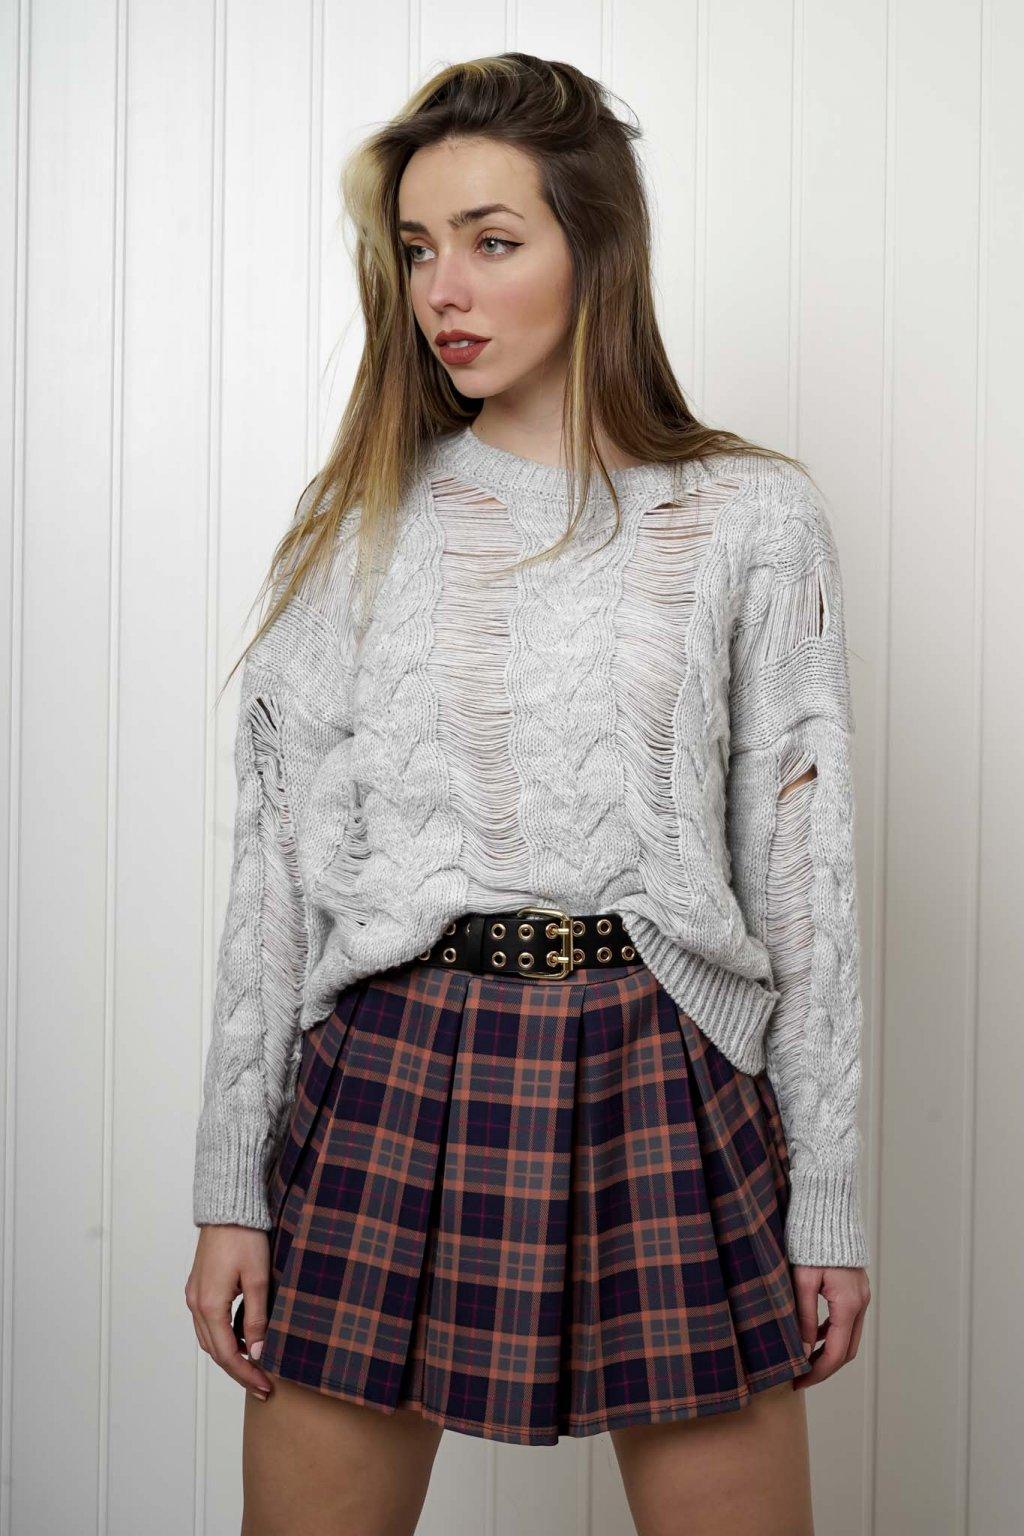 sveter, svetrík, sveter dámsky, úplet, úpletový sveter, jednoduchý sveter, v výstríh, štýlový, chlpatý,vzorovaný, srdiečkový, čierny, biely, farebný, 083